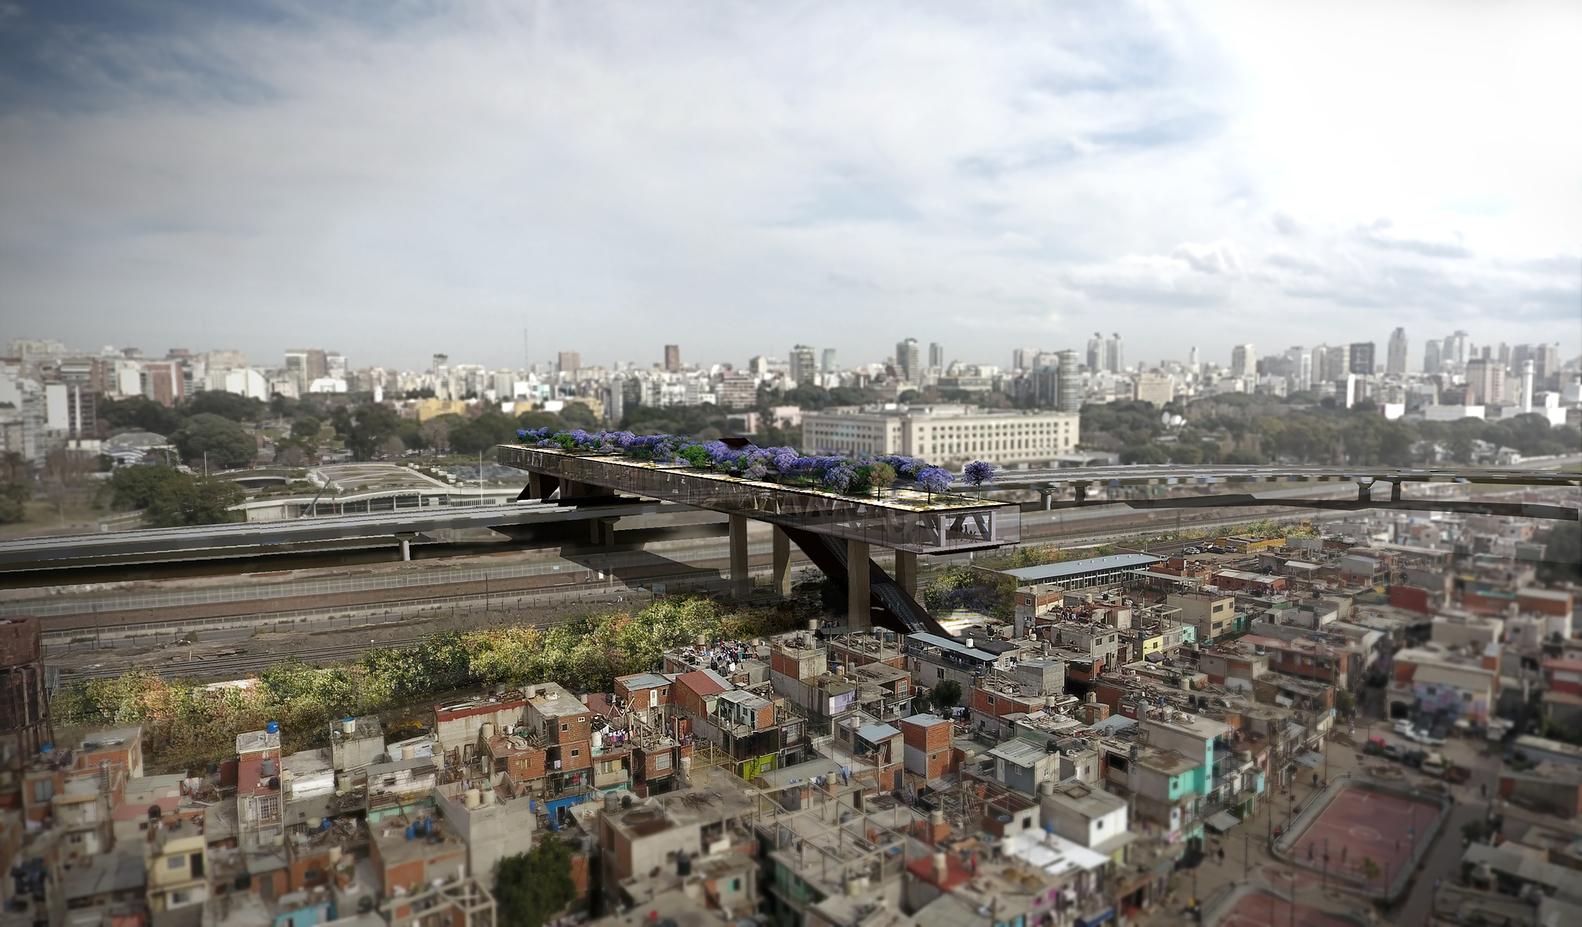 'Latinoamérica está a la vanguardia de la mirada urbana': Horacio Terraza